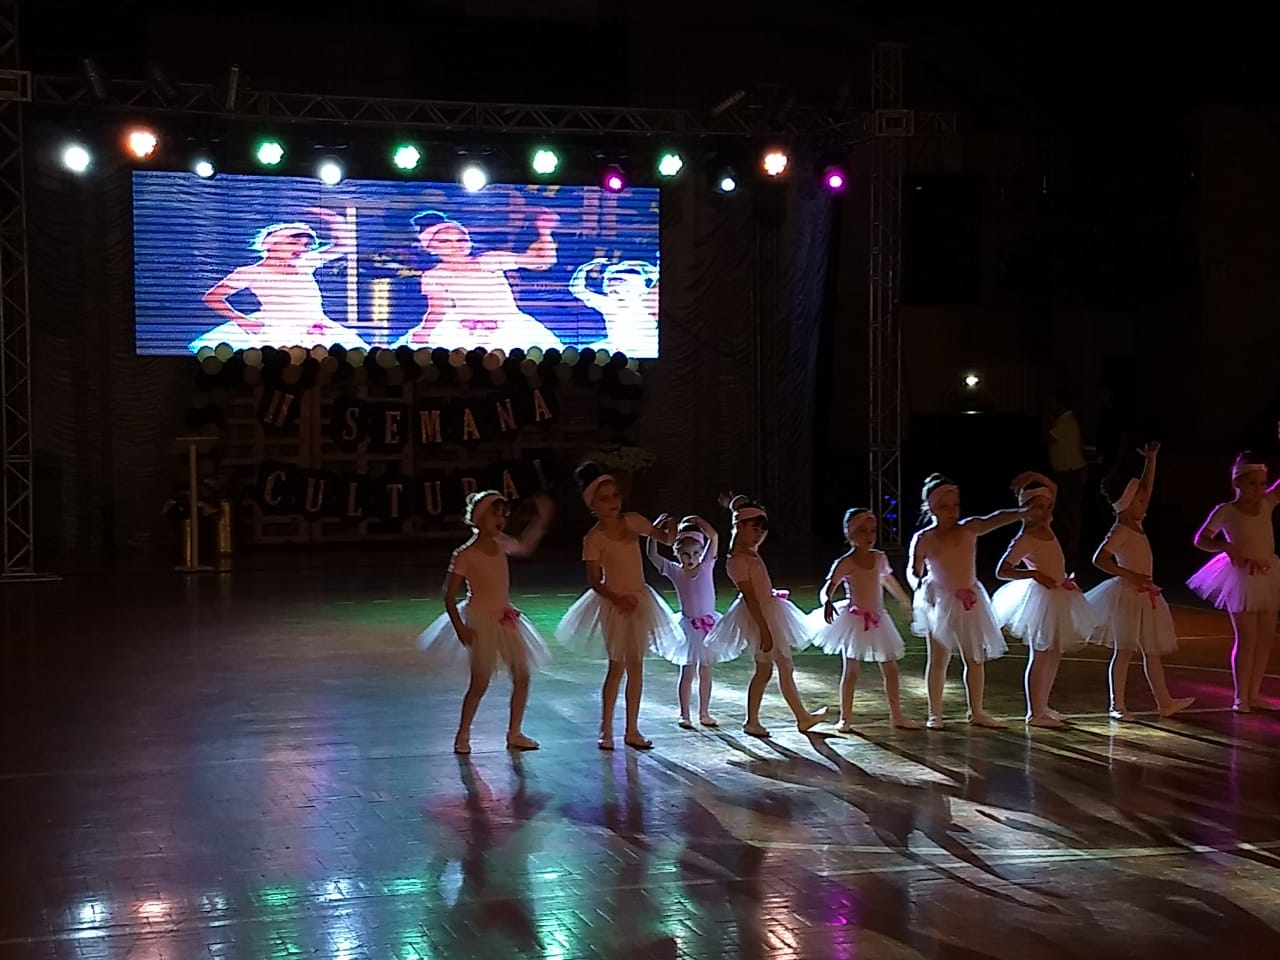 Público lota ginásio para acompanhar apresentações na semana cultural